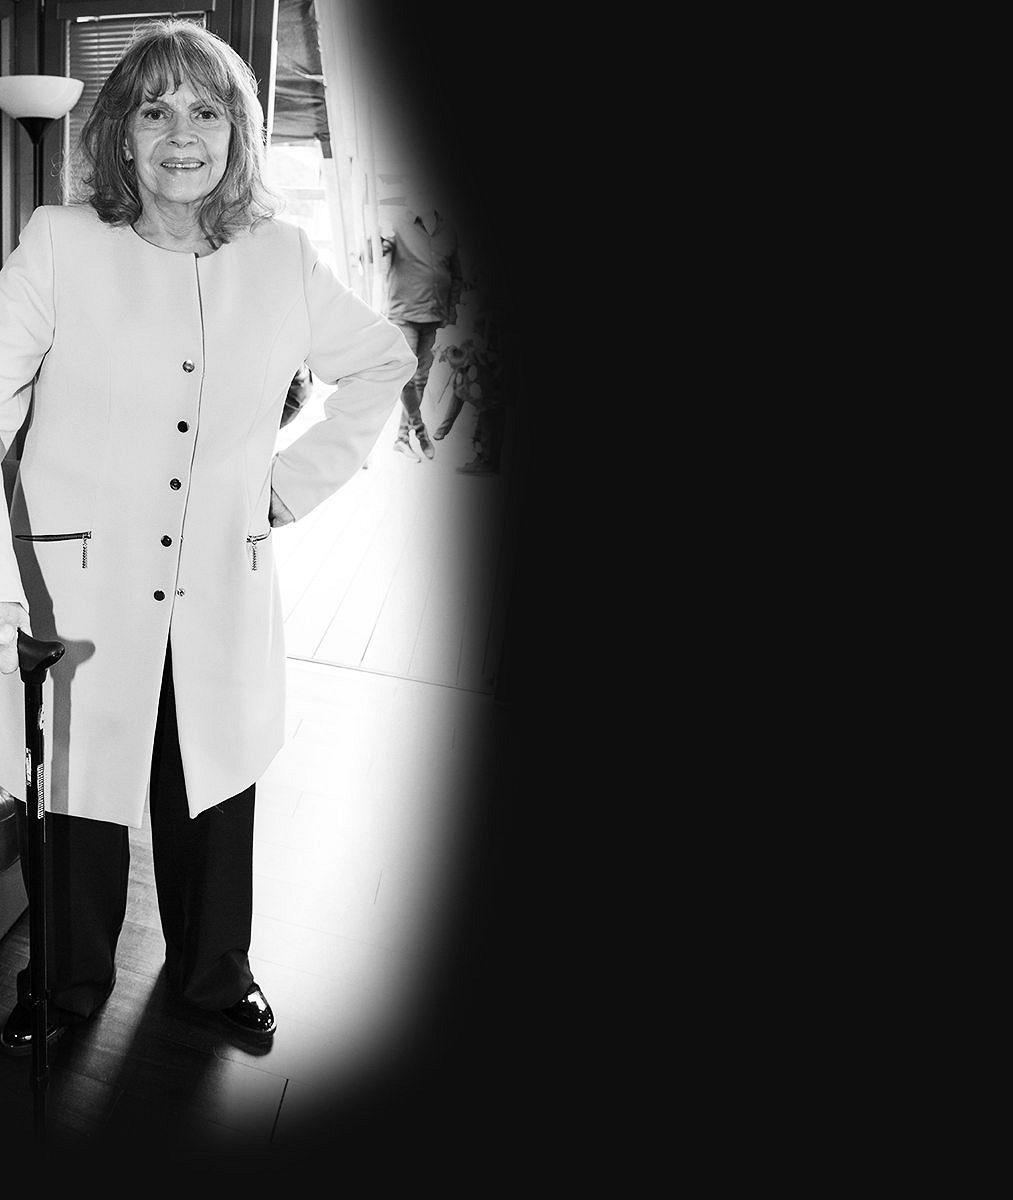 SEvou Pilarovou (✝80) se loučili Dyk, Bohdalová, Zagorová iAbsolonová. Dalibor Gondík ministroval